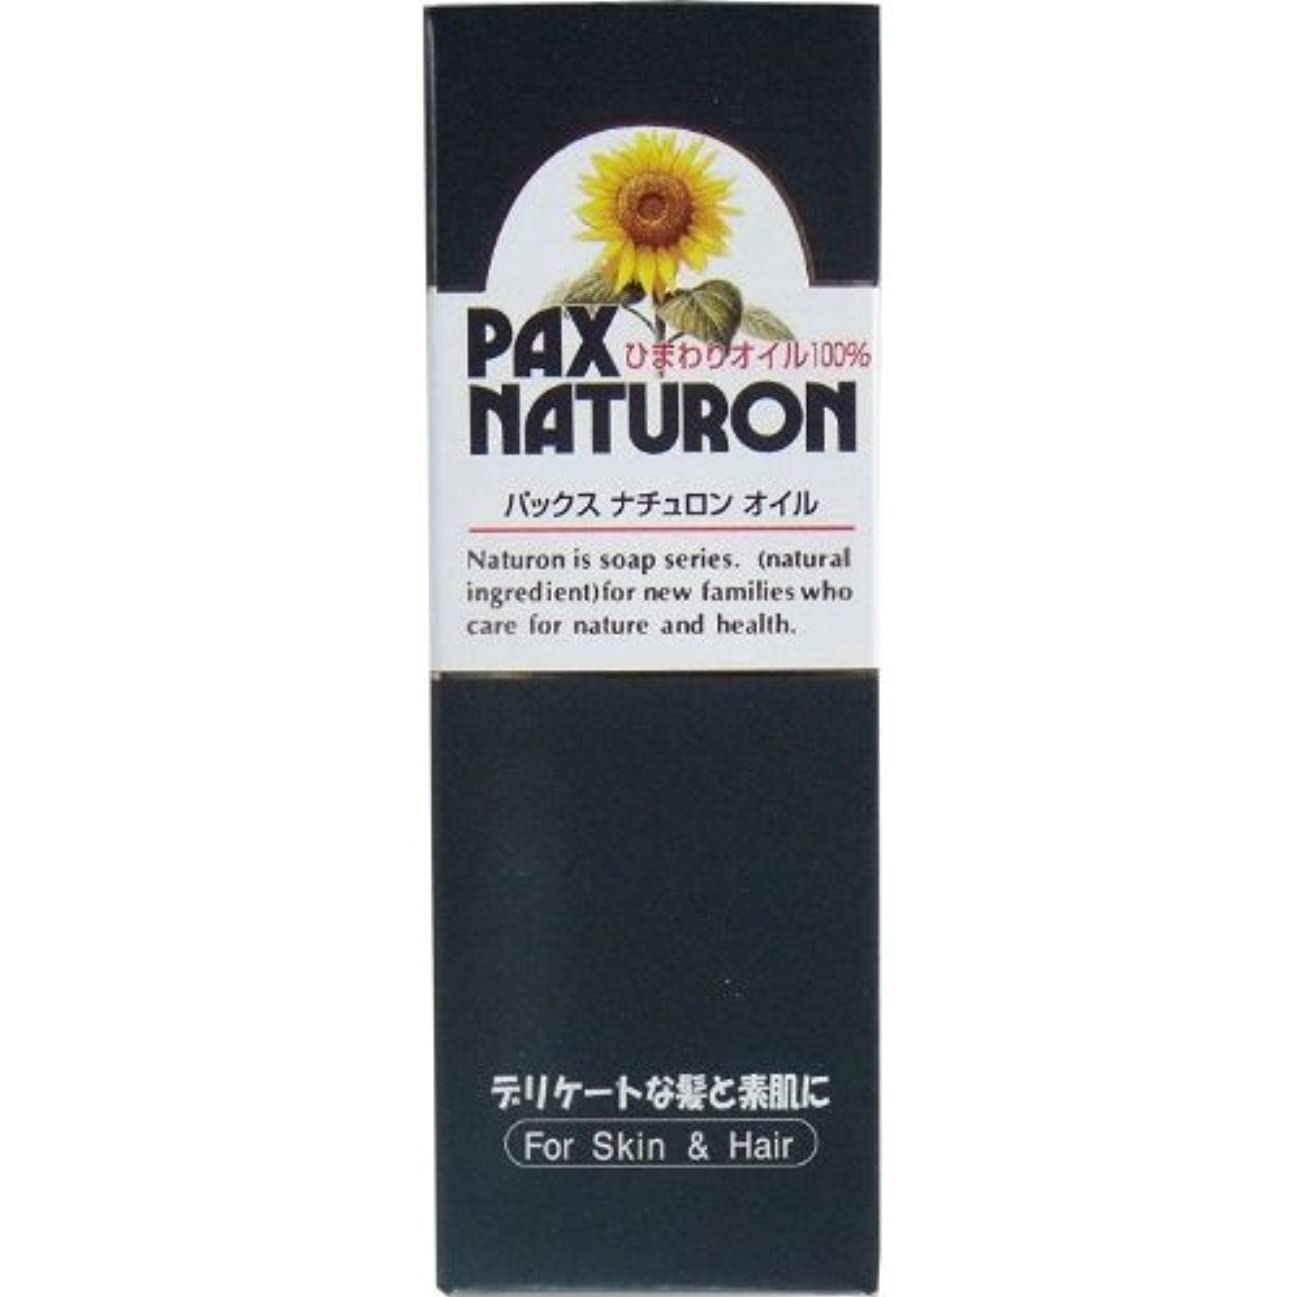 デリケートな髪と素肌に!ひまわりの種子から採った ハイオレイックひまわり油 60mL【2個セット】